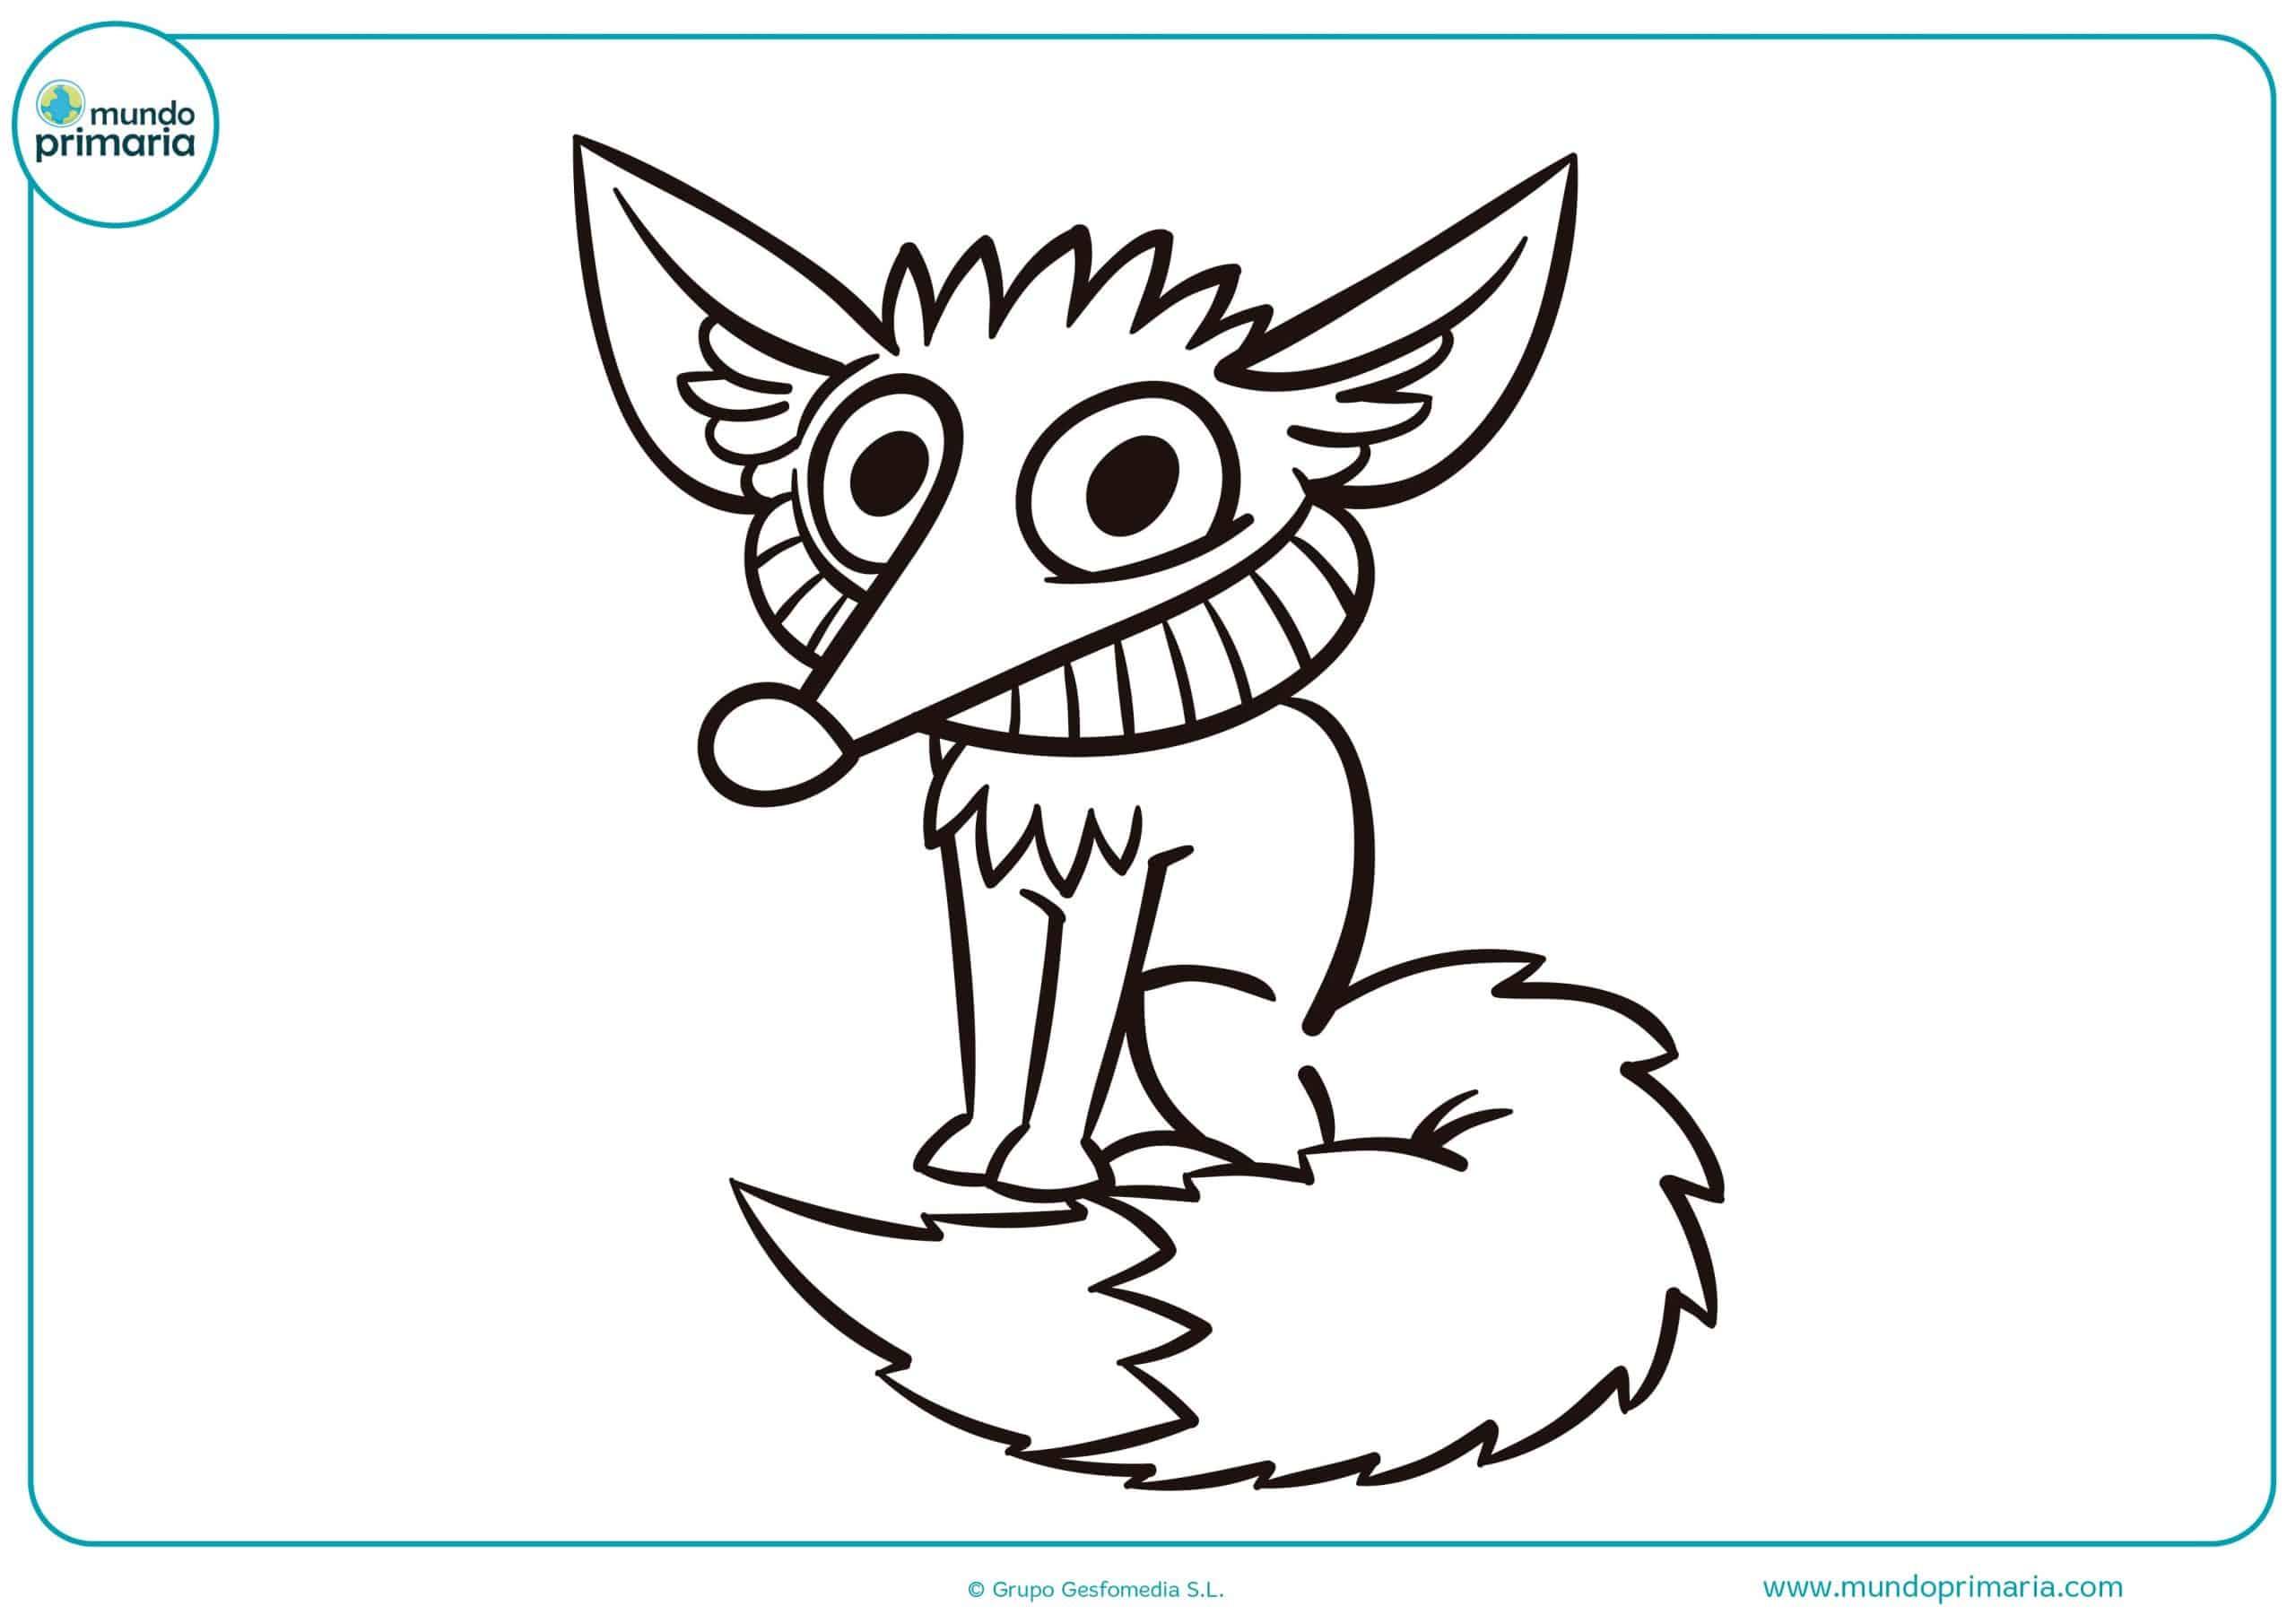 Colorear dibujo bosque animales niñas pequeñas